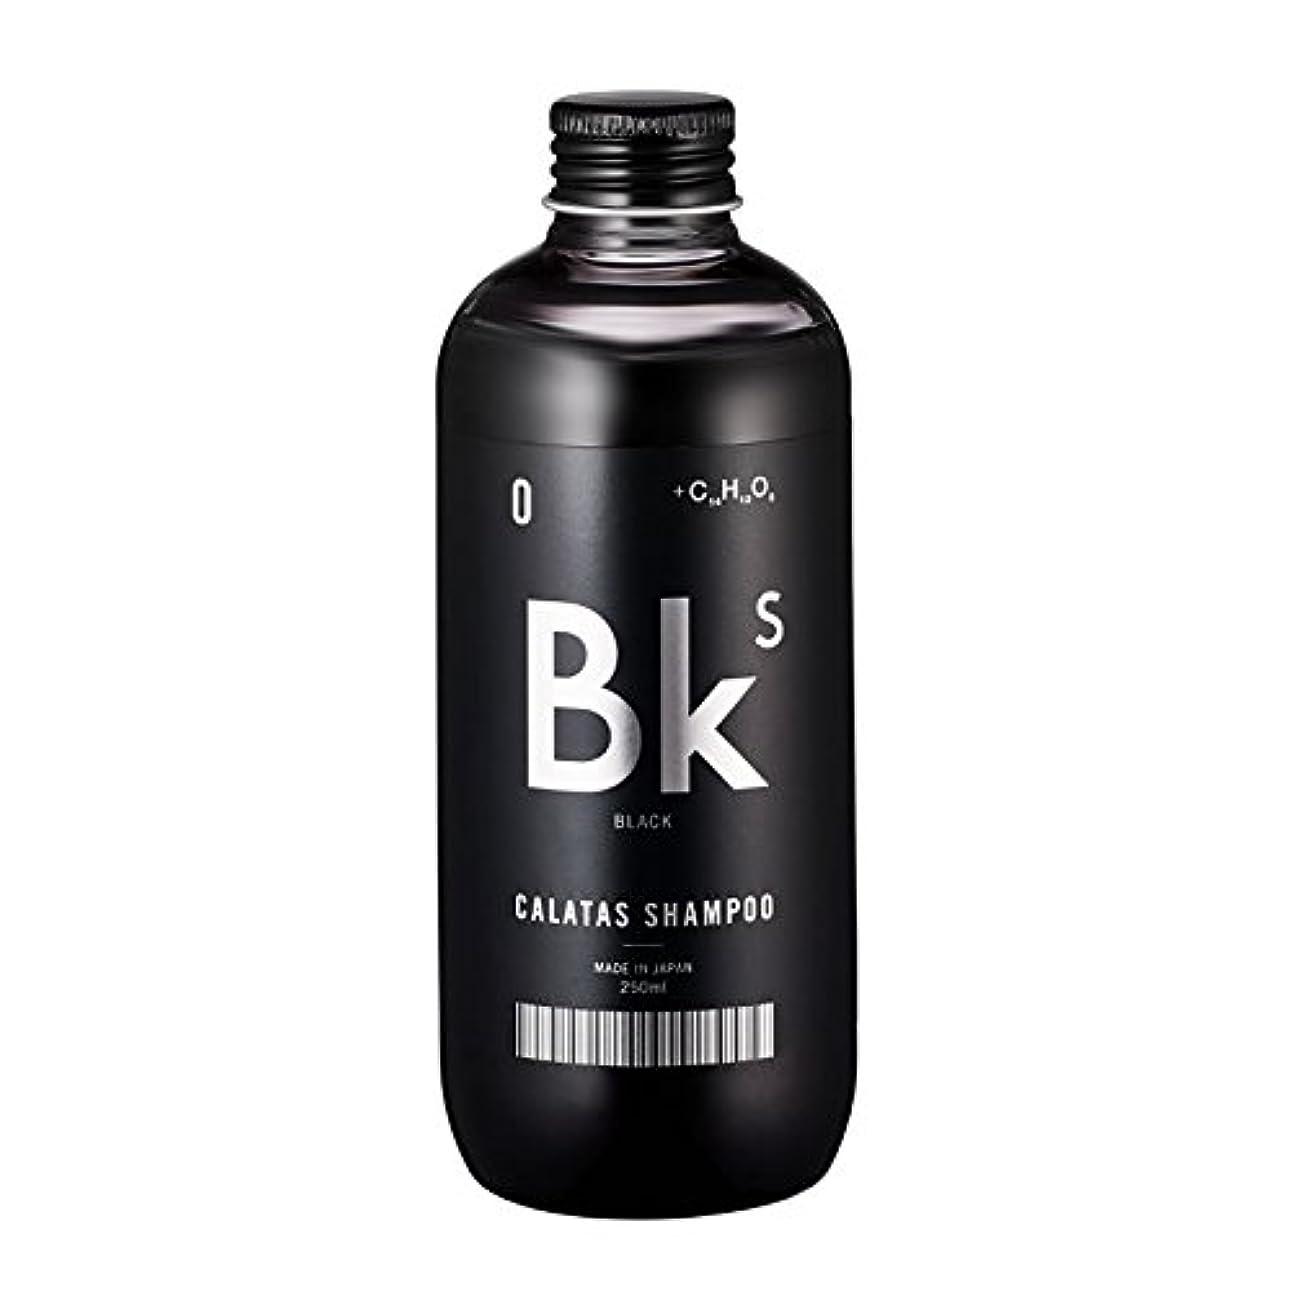 甘い量で一部CALATAS シャンプー Bk(ブラック) カラタスシャンプー 250ml